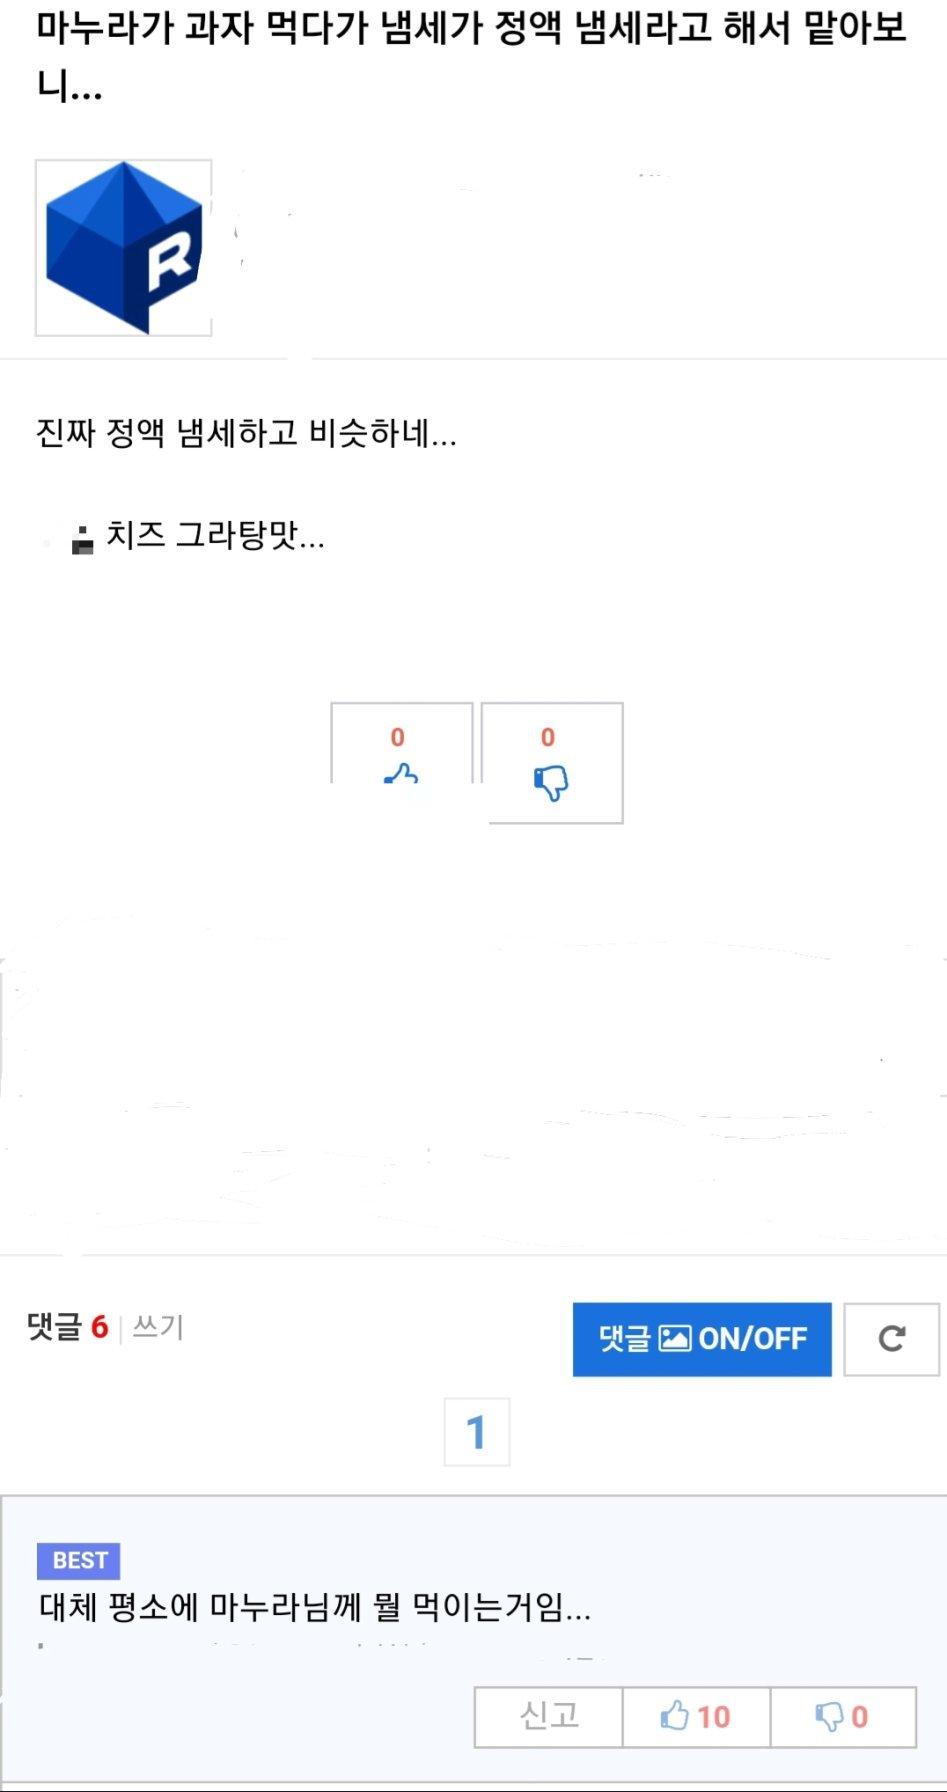 ㅈㅇ맛.jpg 정액 냄새를 잘 아는 여자.jpg